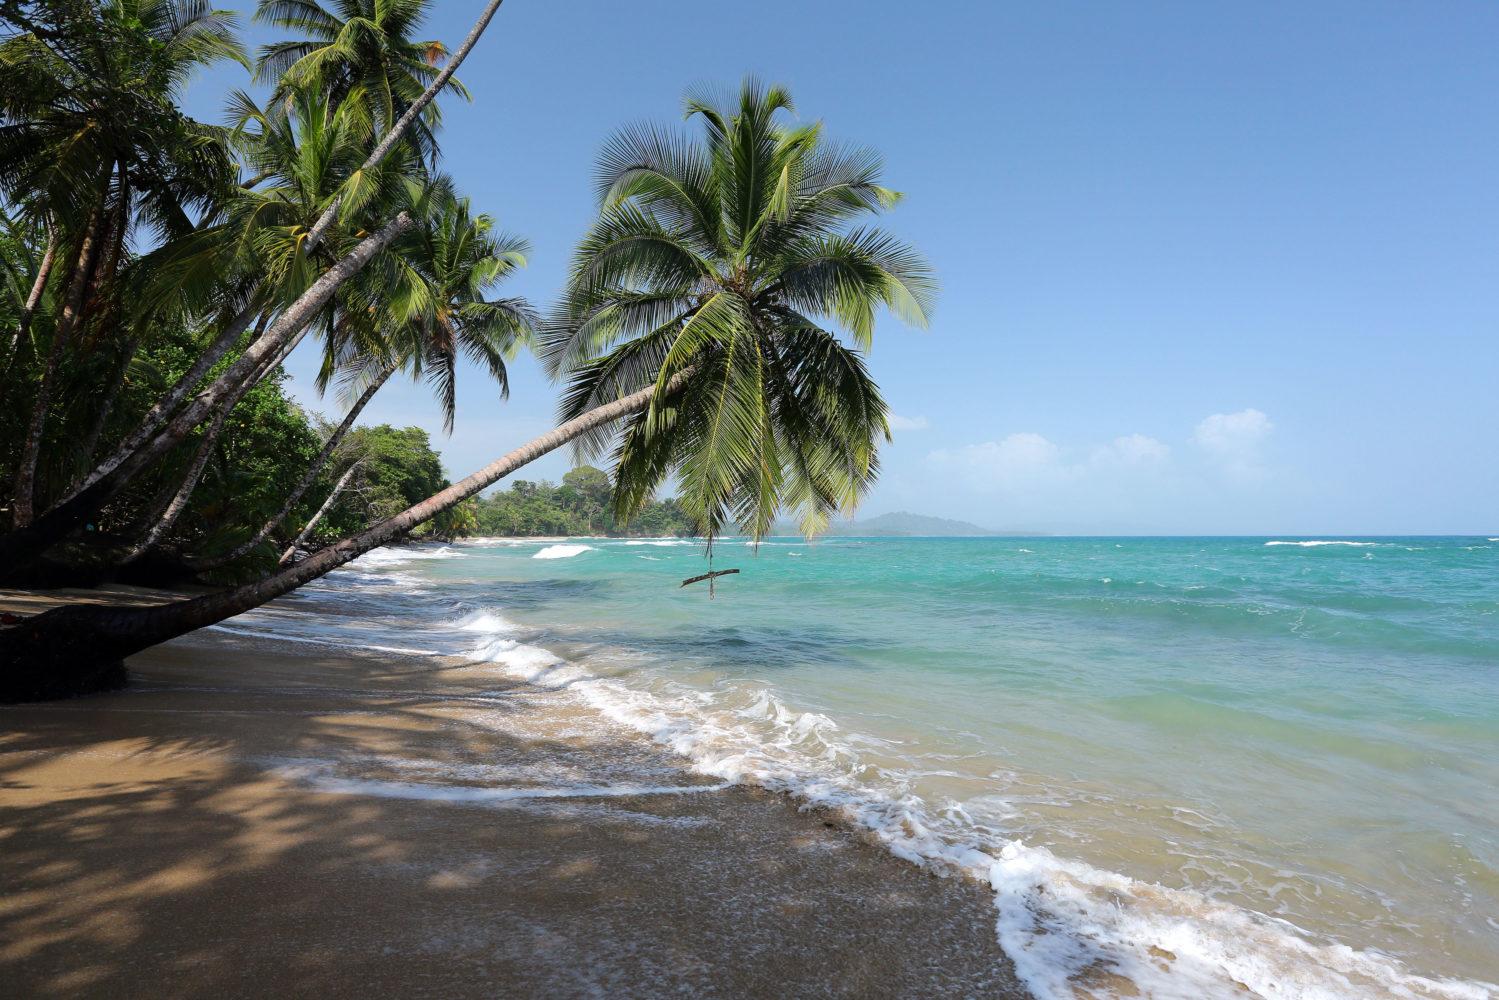 Costa Rica, Playa Punta Uva